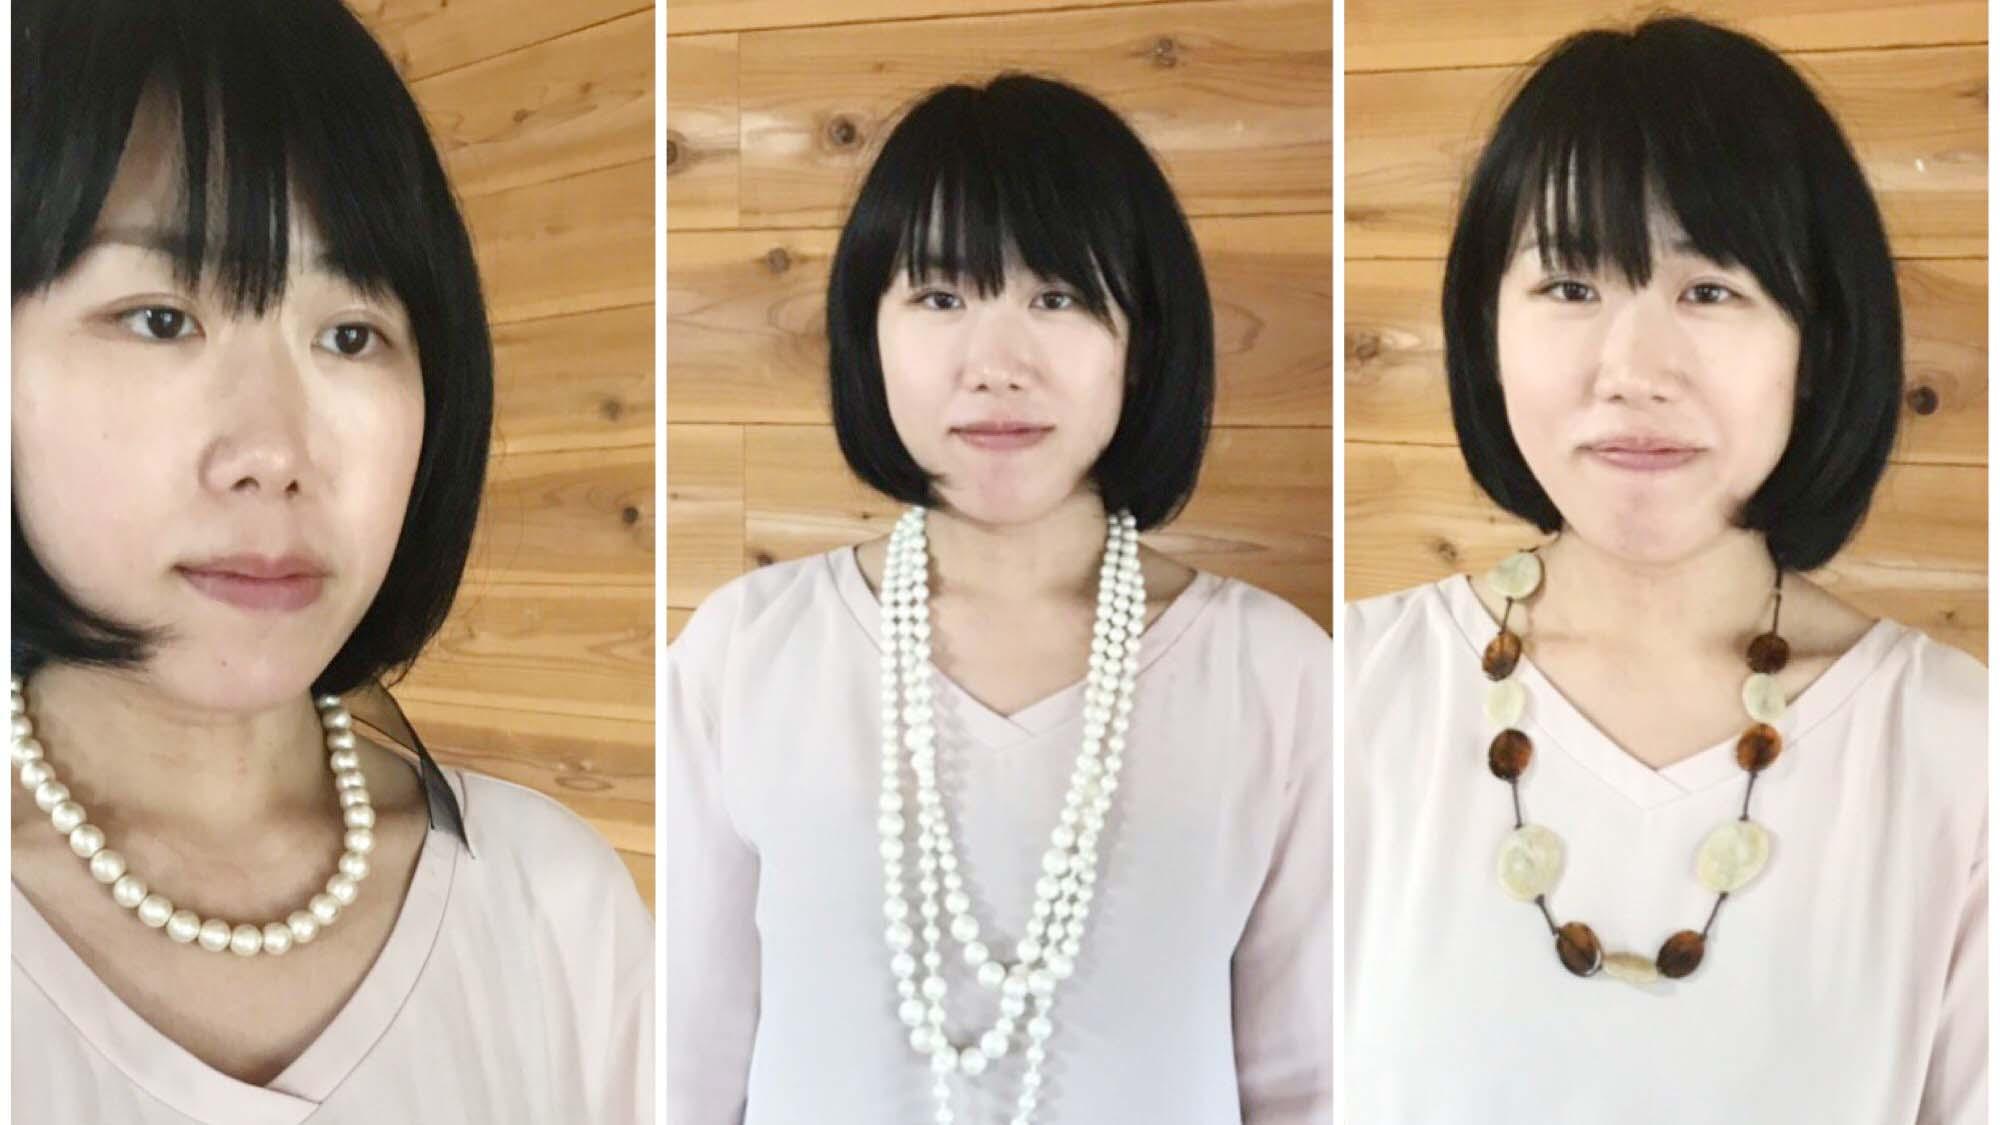 徳島でファッションの講座「骨格スタイル分析レッスン」に参加して服の悩みを解決♪